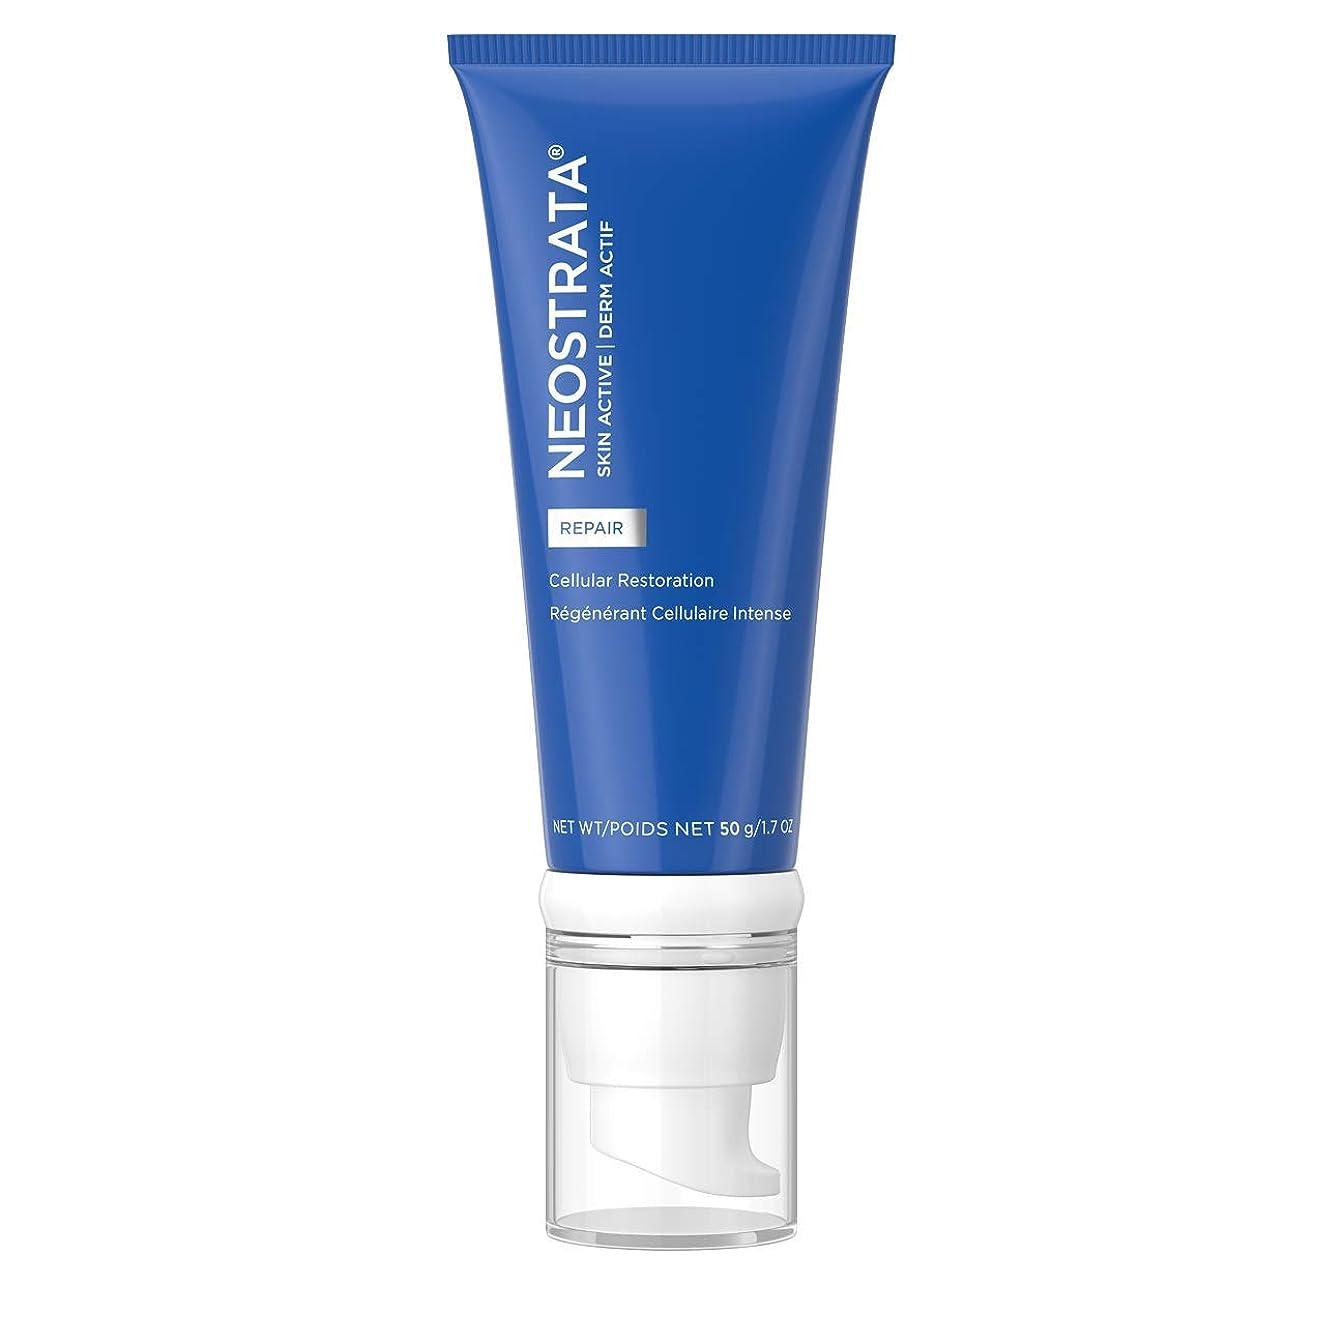 トレーダーエピソードニュースネオストラータ Skin Active Derm Actif Repair - Cellular Restoration 50g/1.7oz並行輸入品